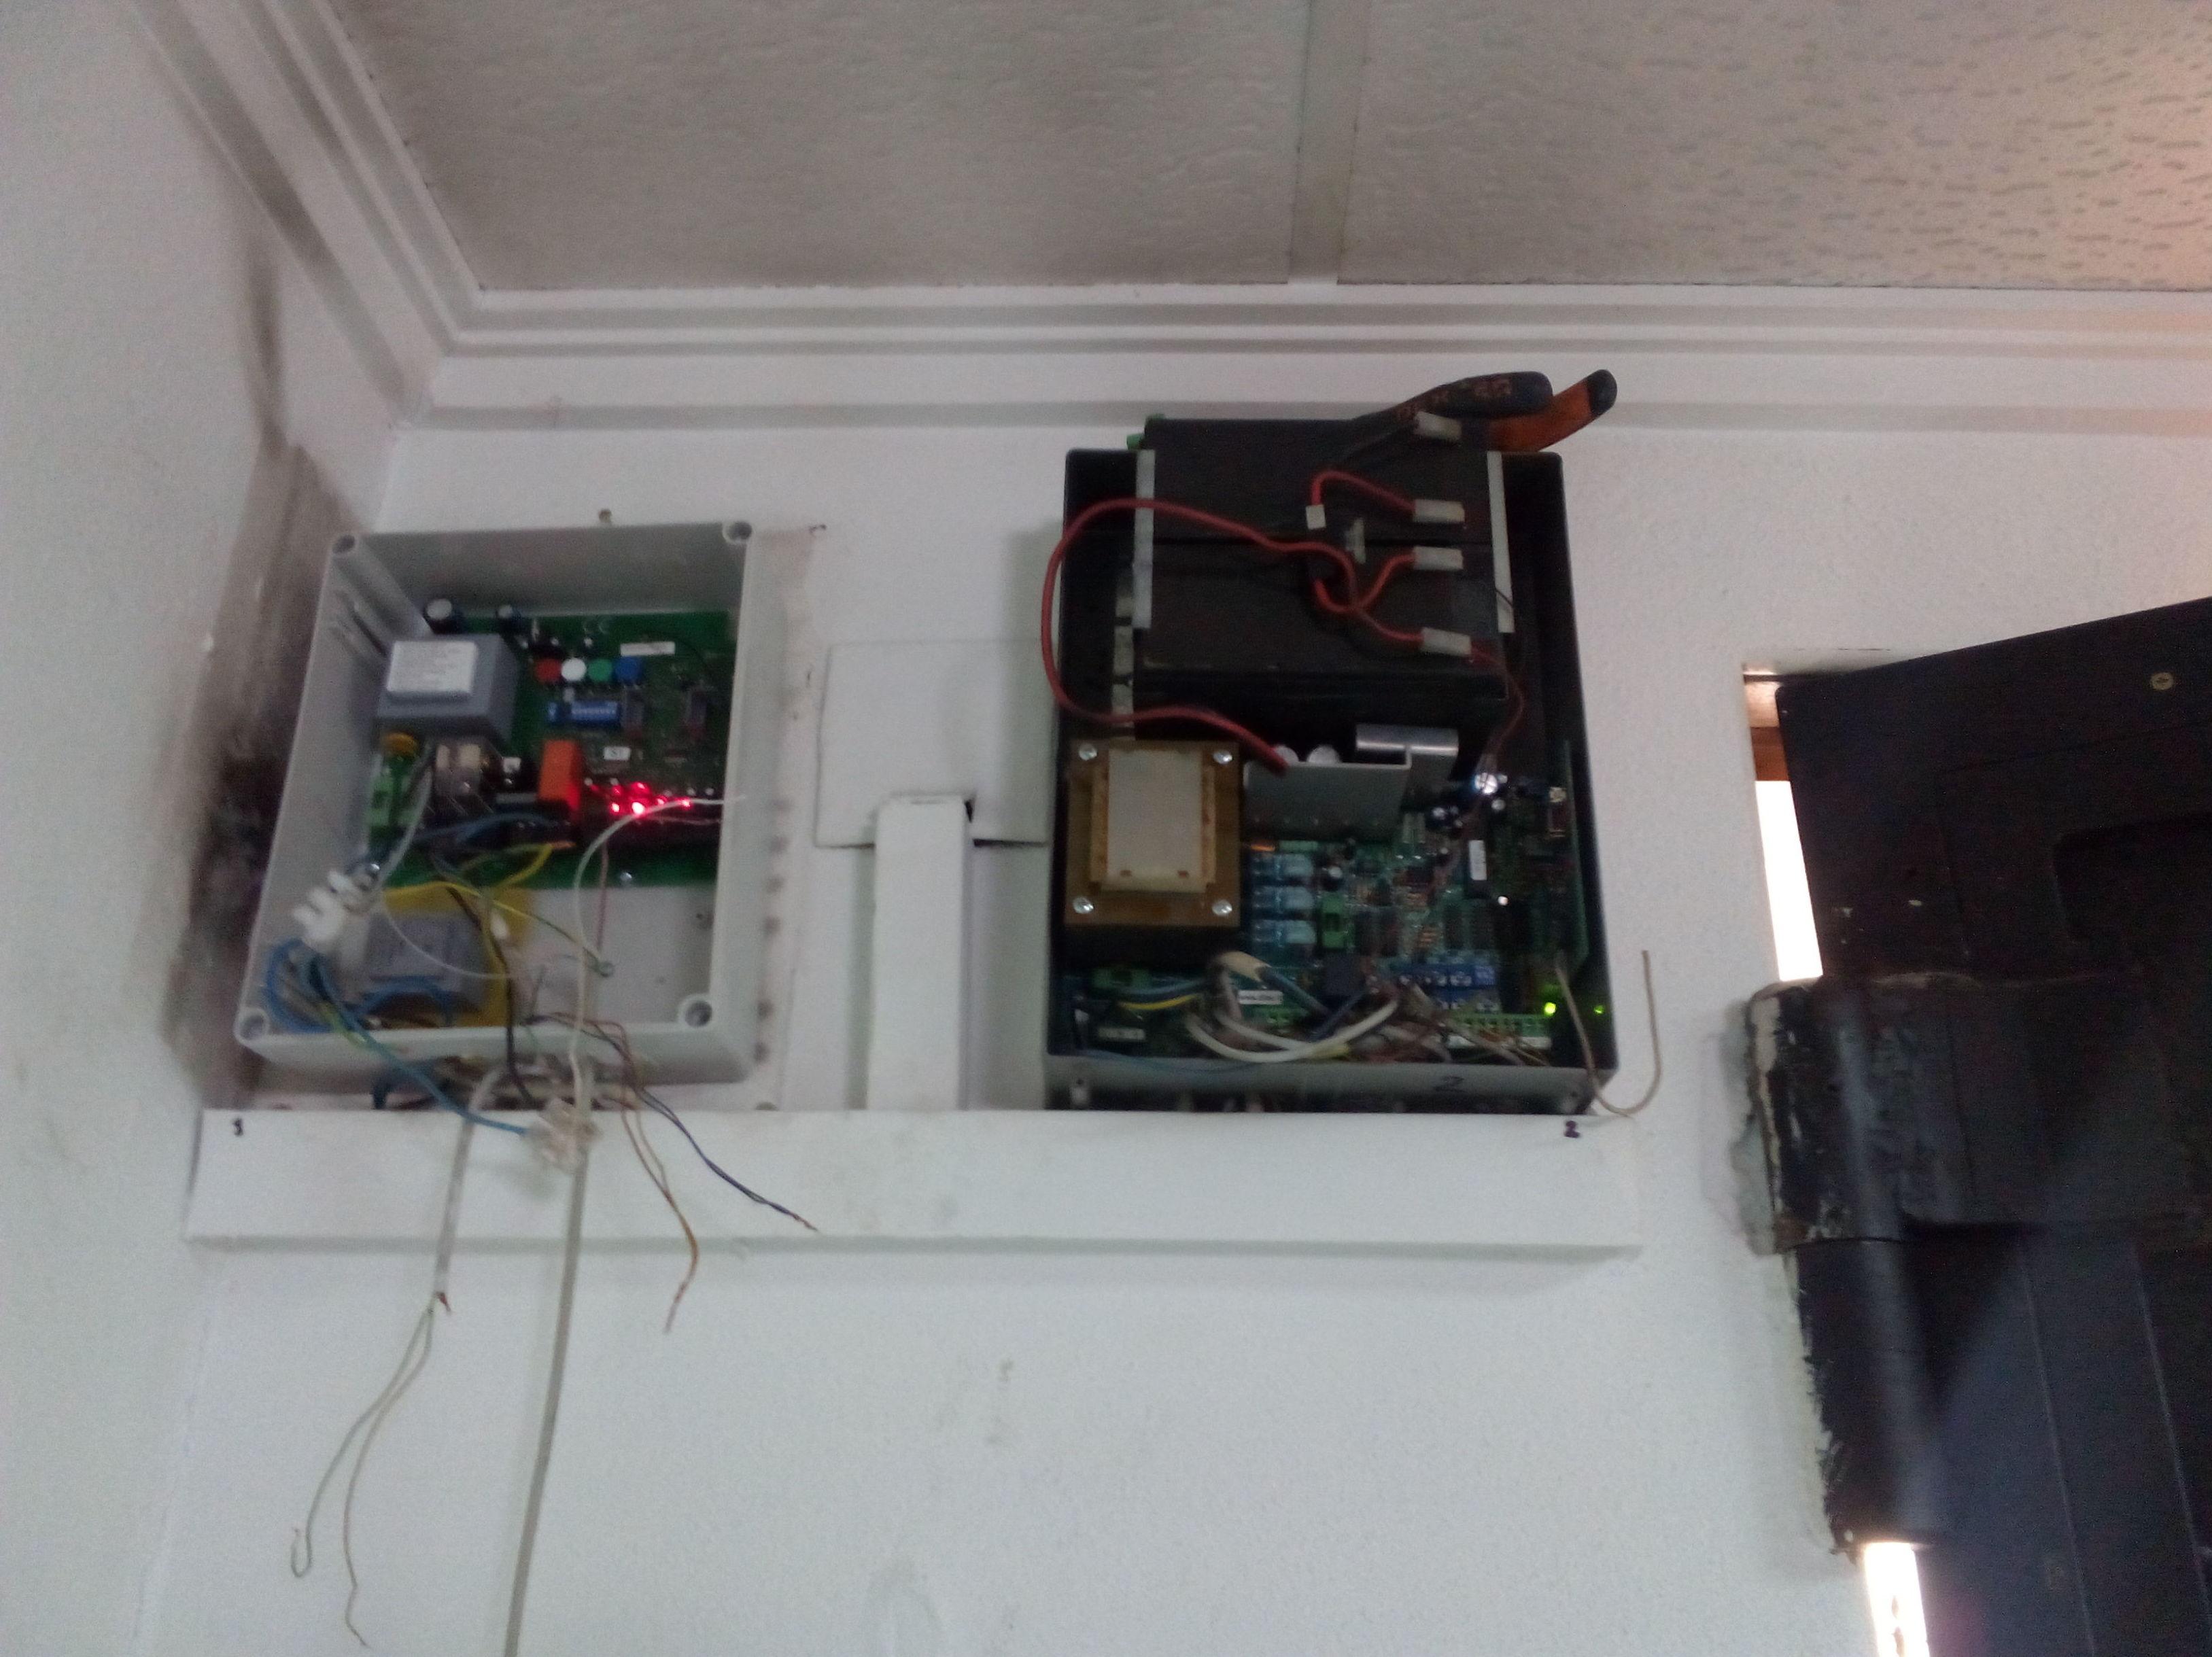 Sustitución y colocación de cuadro eléctrico de 220 voltios